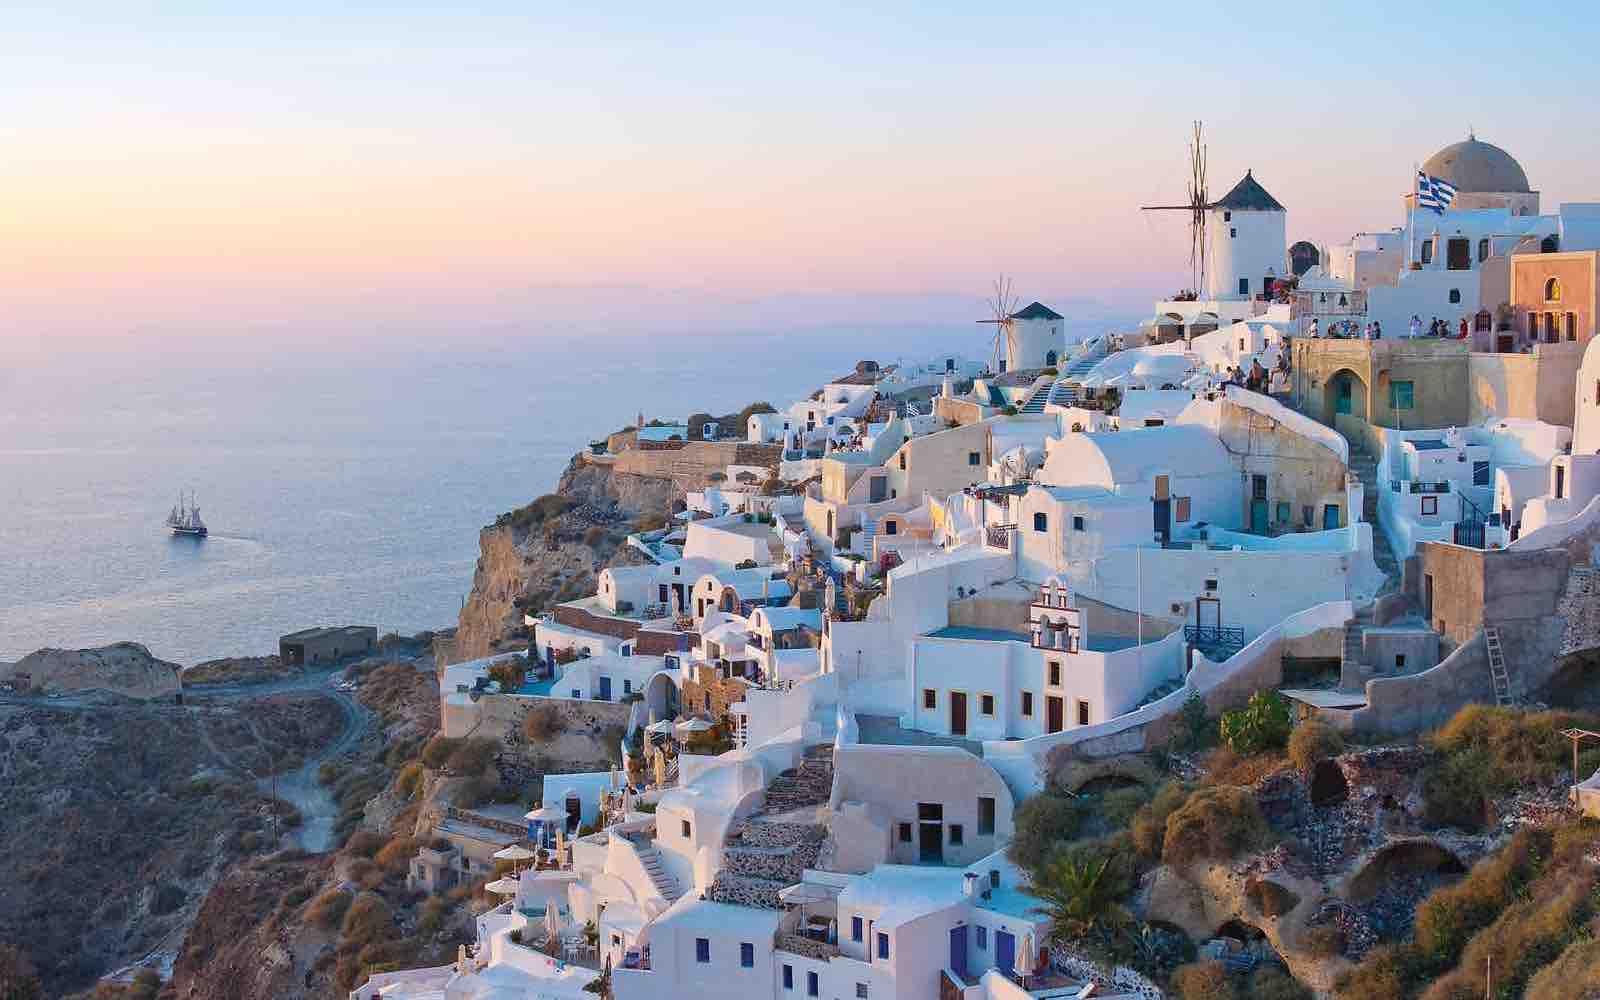 Sterk advarsel: Bli hjemme – ikke reis til Santorini